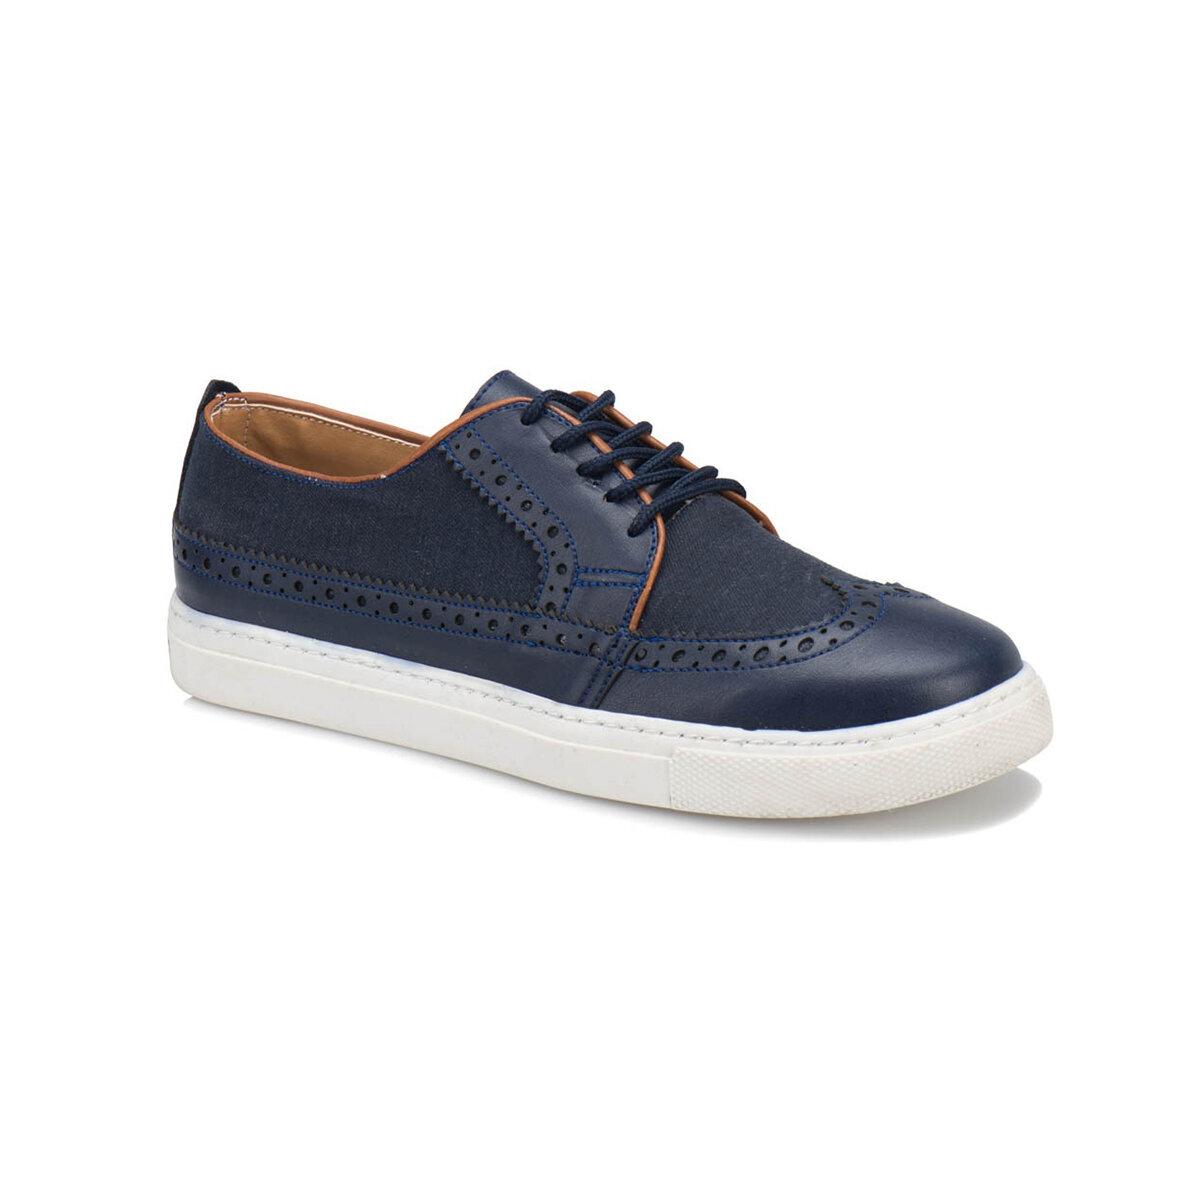 Lacivert Erkek Çocuk Ayakkabı YK549